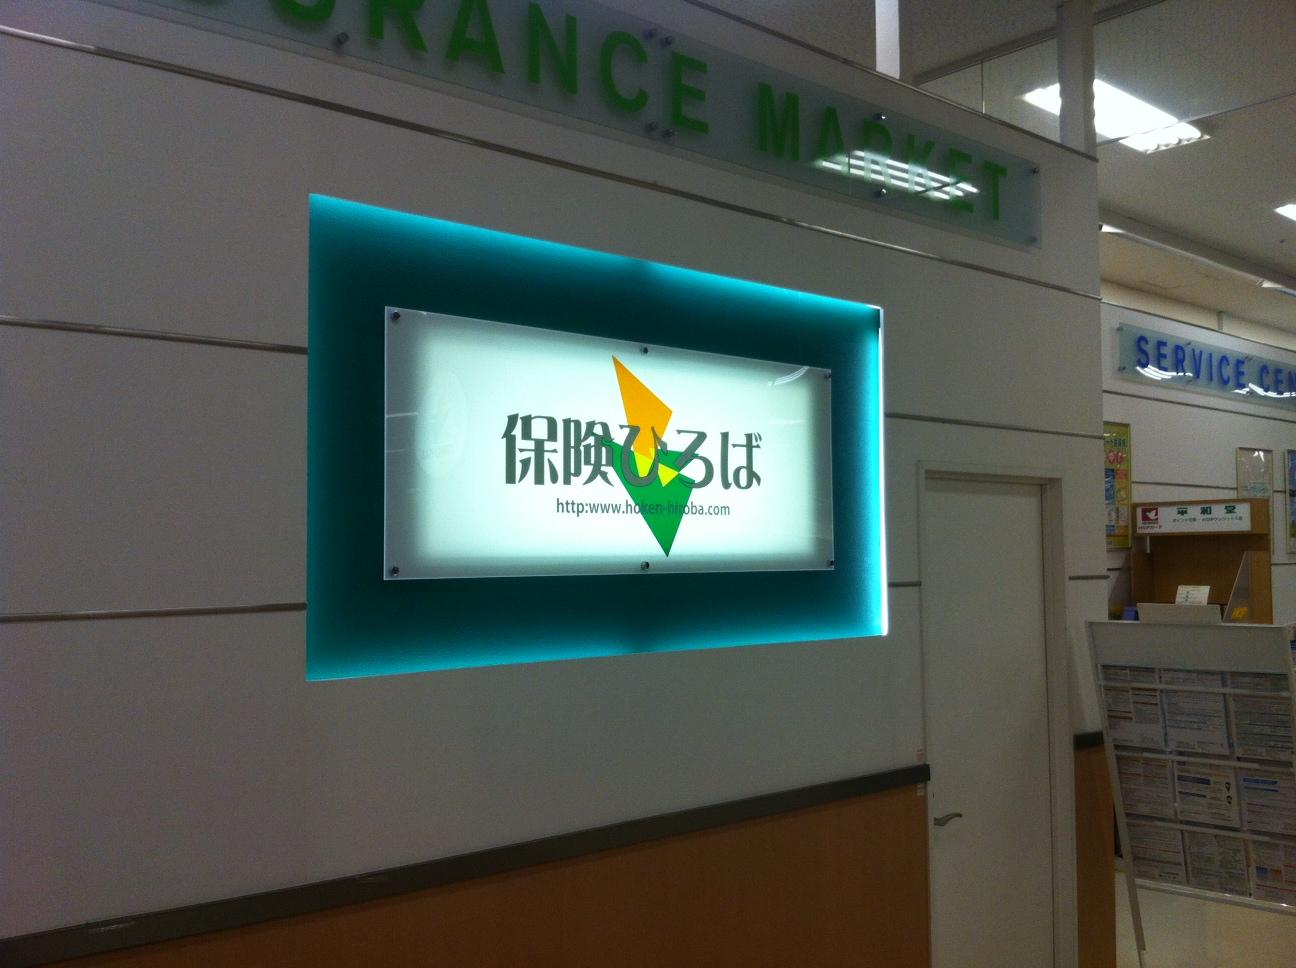 保険ひろば アル・プラザつかしん店のロゴ